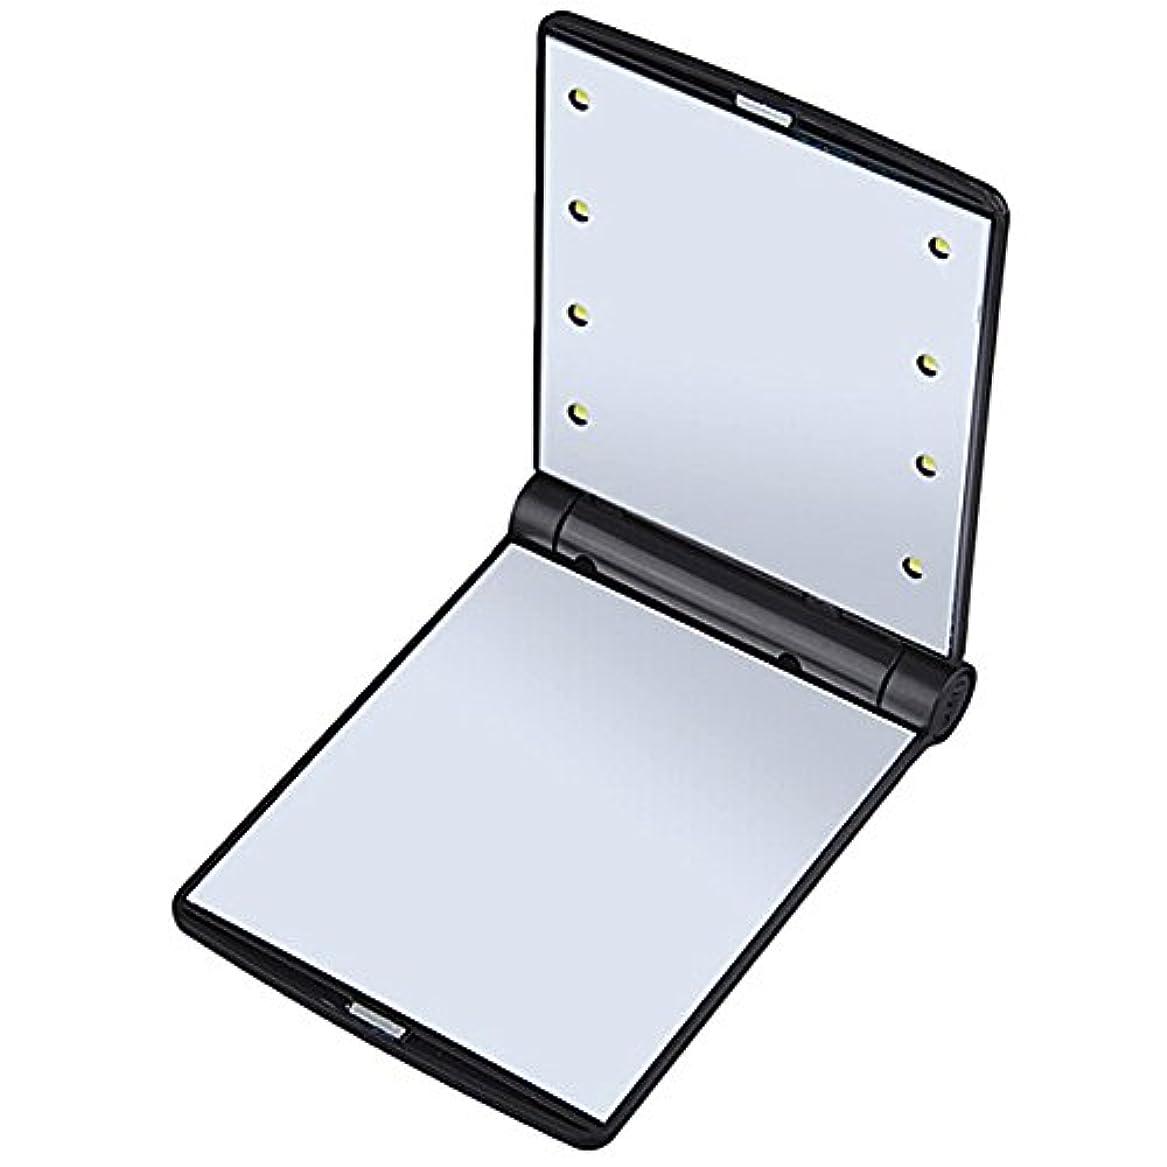 精巧な魅力的辛なB-PING 鏡 化粧鏡 女優ミラー 調光型二面鏡 拡大鏡付き 330度調節可能 コンパクトミラー スタンドミラー 折りたたみ式 二面鏡 LED ライト8個 無印タイプ 5色のオプション (ブラック)